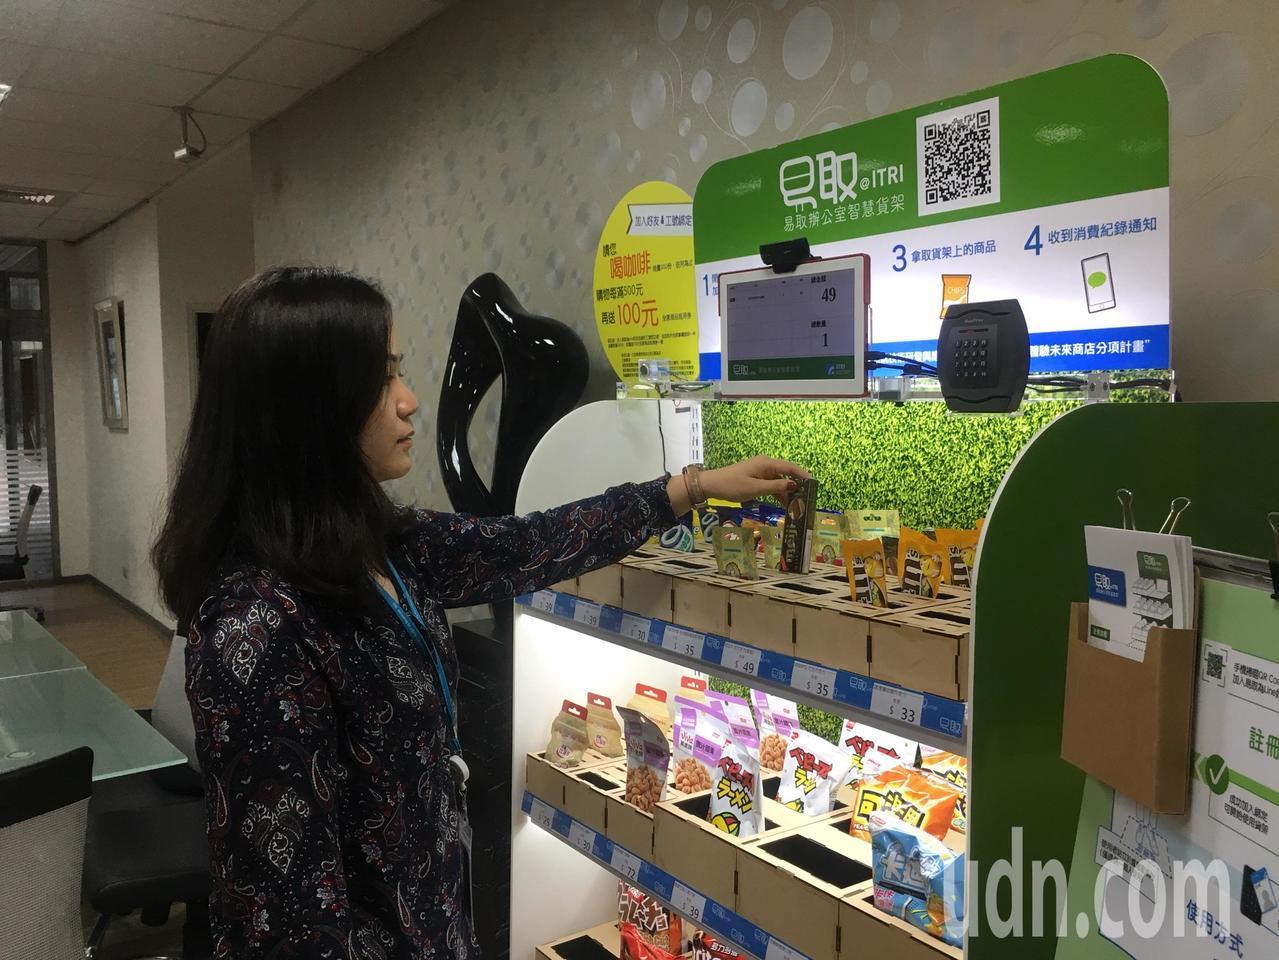 工研院研發的「電腦視覺商品辨識技術」,透過每個貨架攝影機,進而辨識拿取的商品,達...